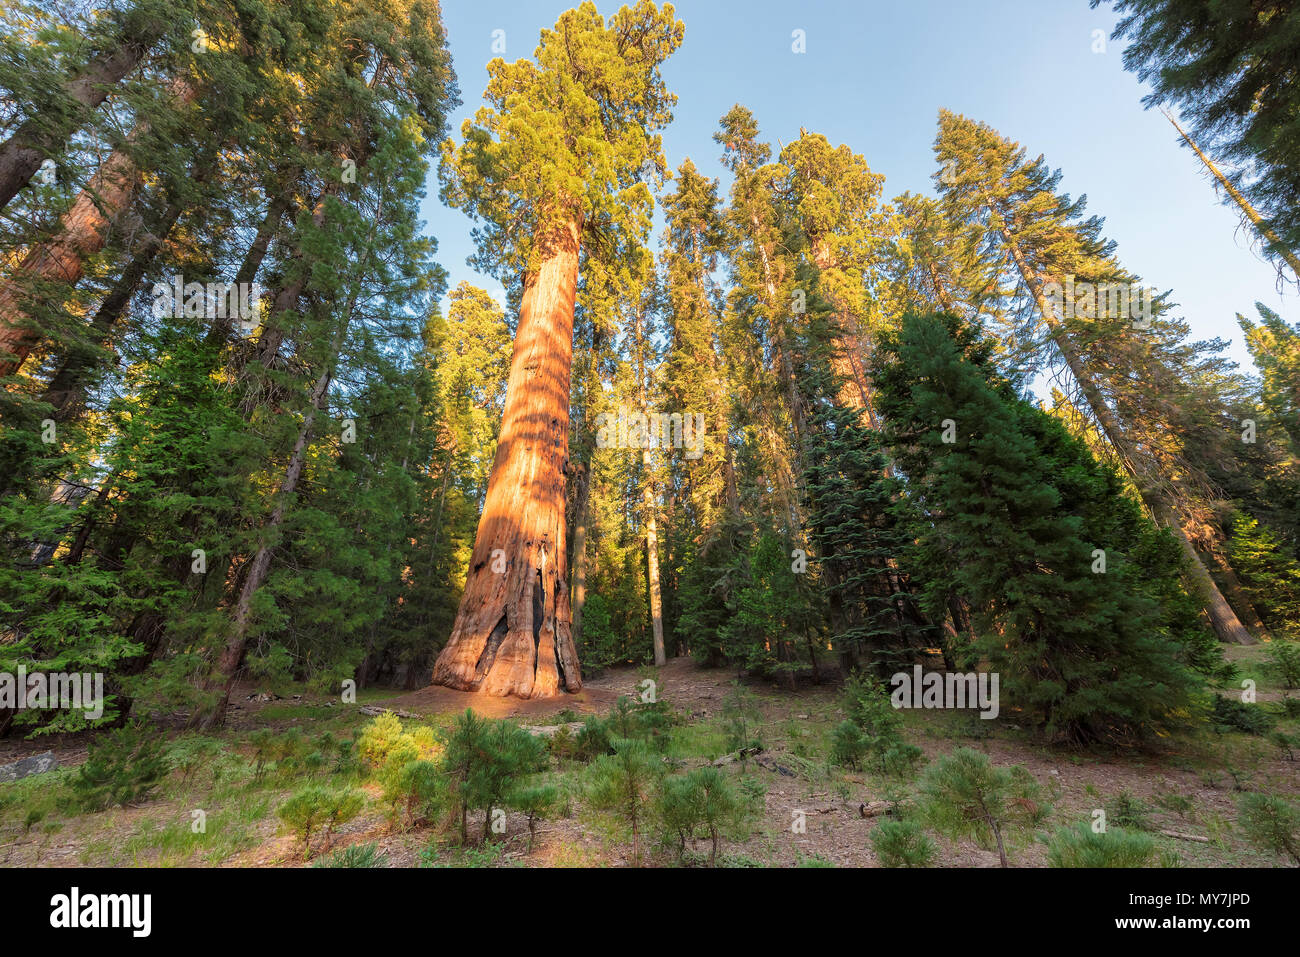 Giant Sequoia Trees - Stock Image